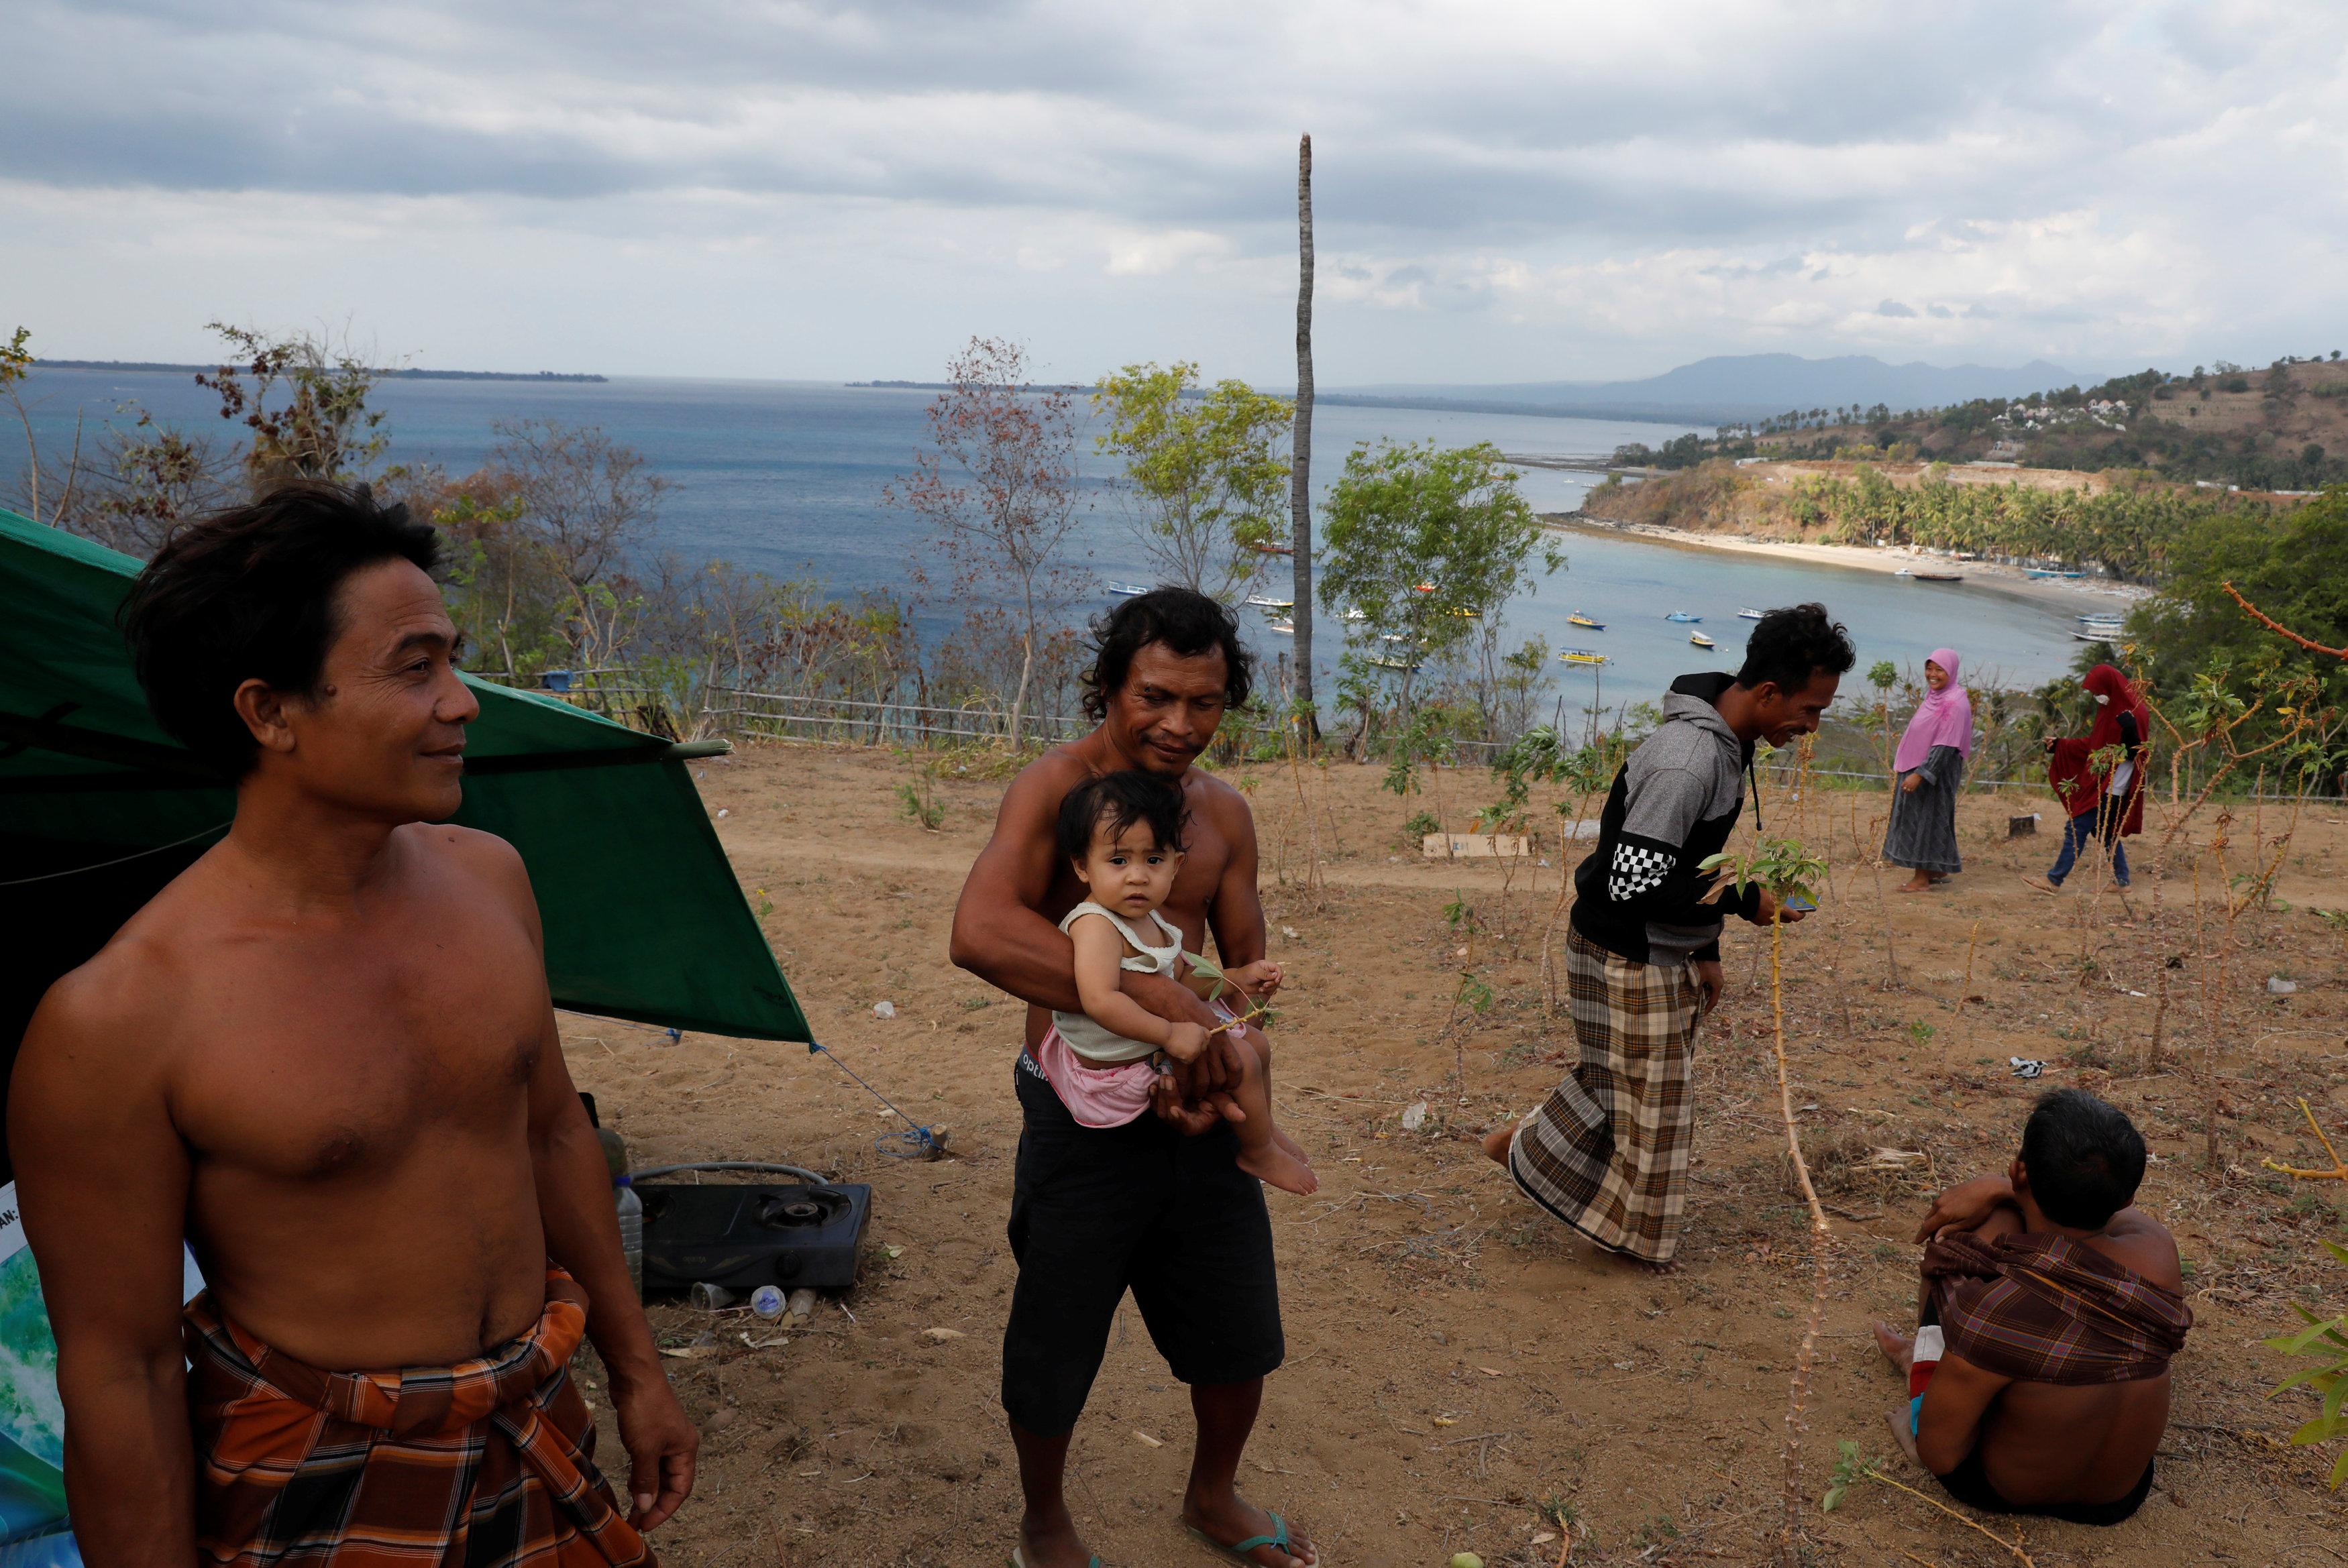 قرويون فوق أحد التلال فى شاطئ سينجيجى بجزيرة لومبوك